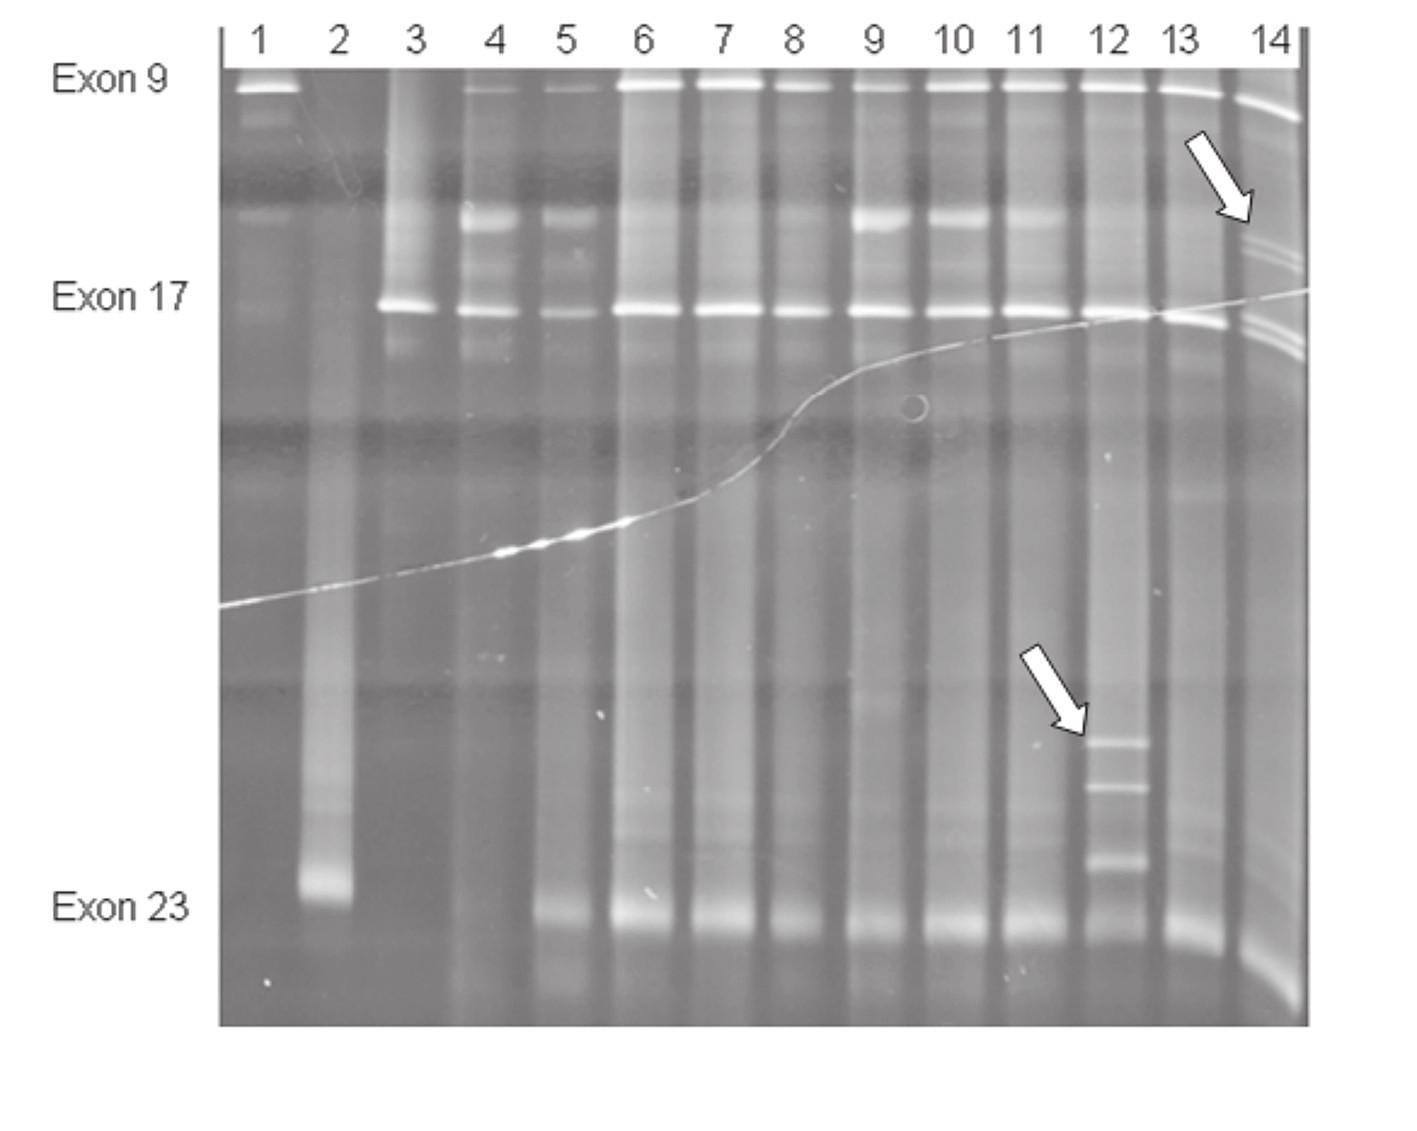 Simultánní vyšetření exonů č. 9, 17 a 23 TSC1 genu metodou DGGE. Vzorky 1– 3 fyziologické kontroly v jednotlivých exonech, 4– 14 vzorky TSC pacientů; šipky označují záchyt mutace v exonu 23 u pacienta č. 12 a v exonu 17 u pacienta č. 14.